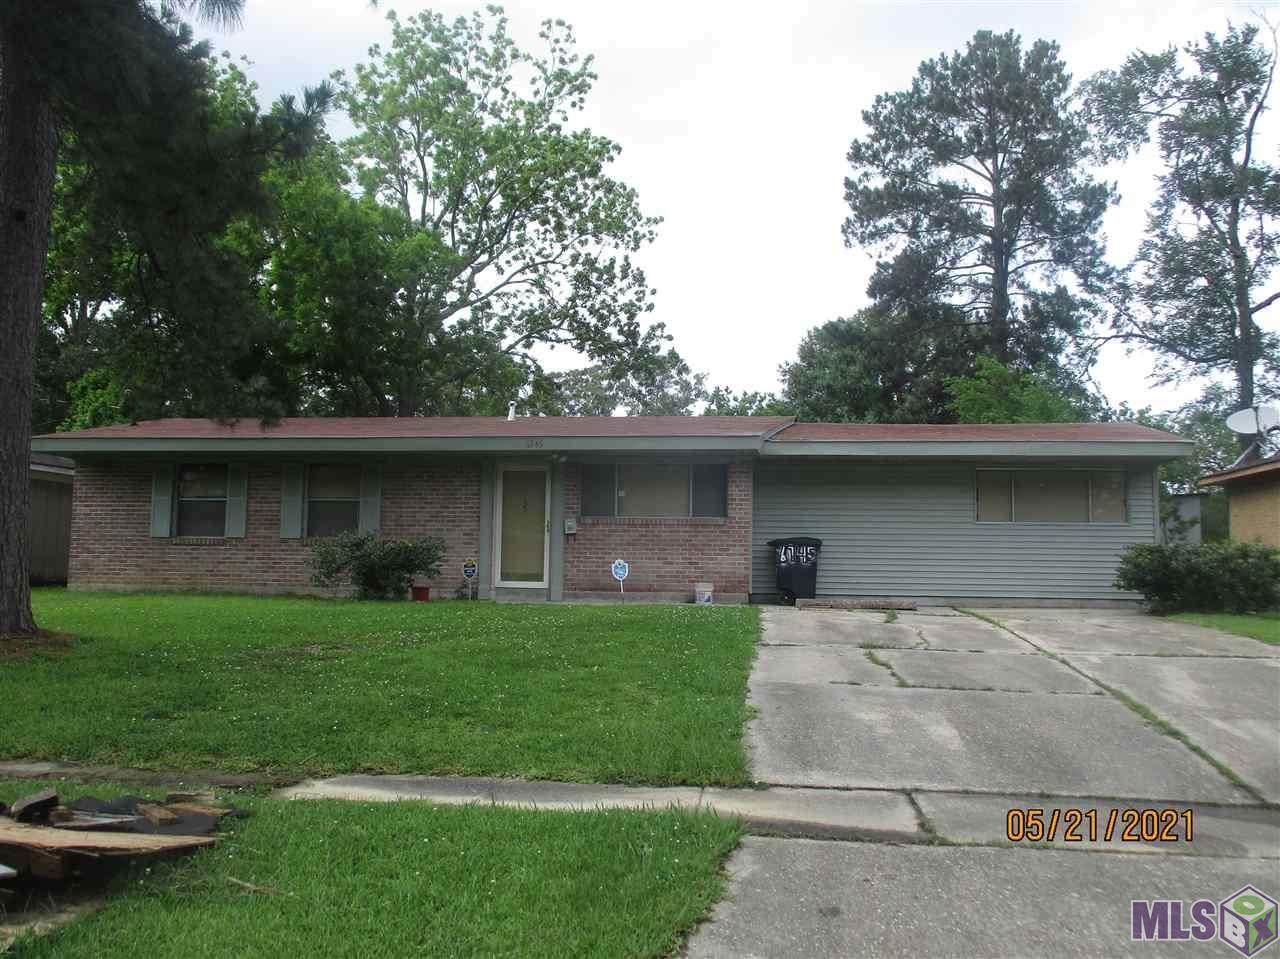 6745 Myrtlewood Dr - Photo 1